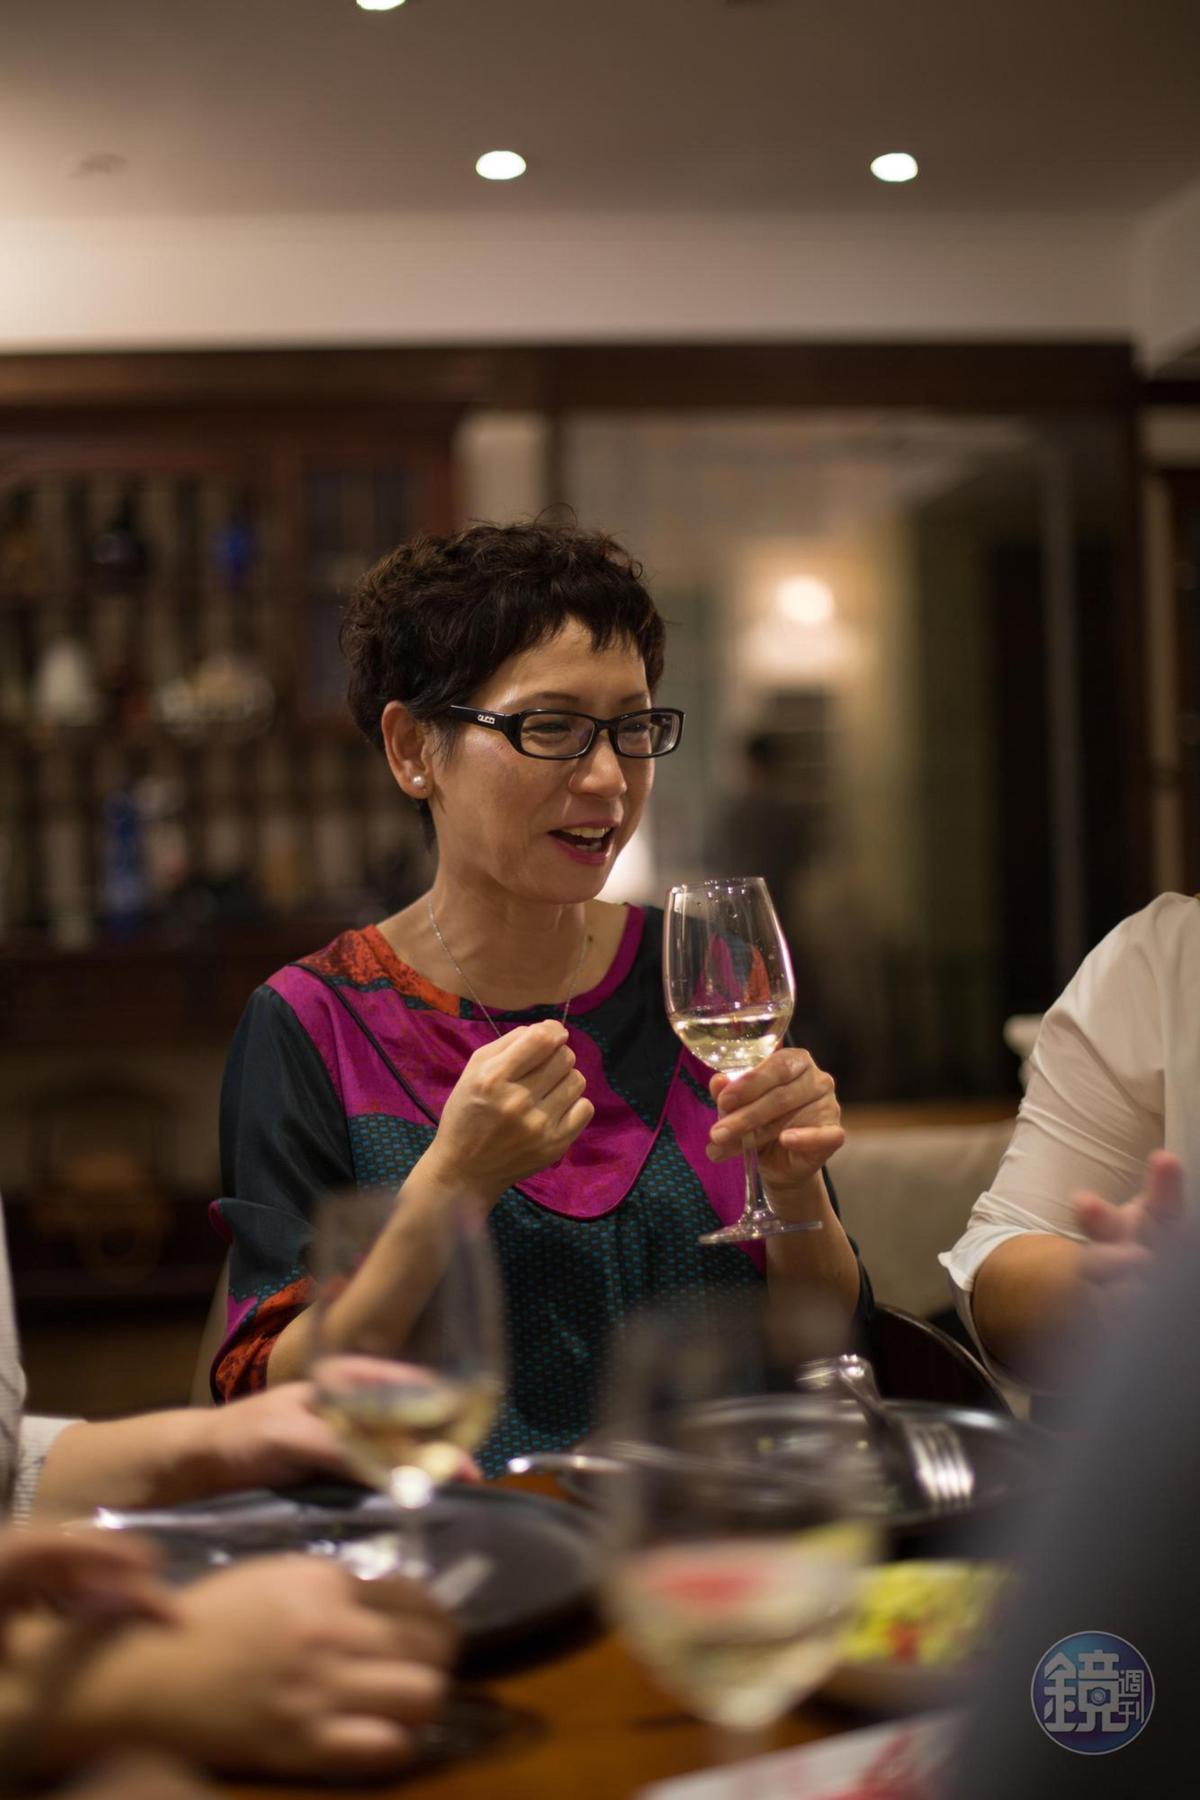 也很擅長料理的作家蔡珠兒,形容Dana的料理溫婉細緻。